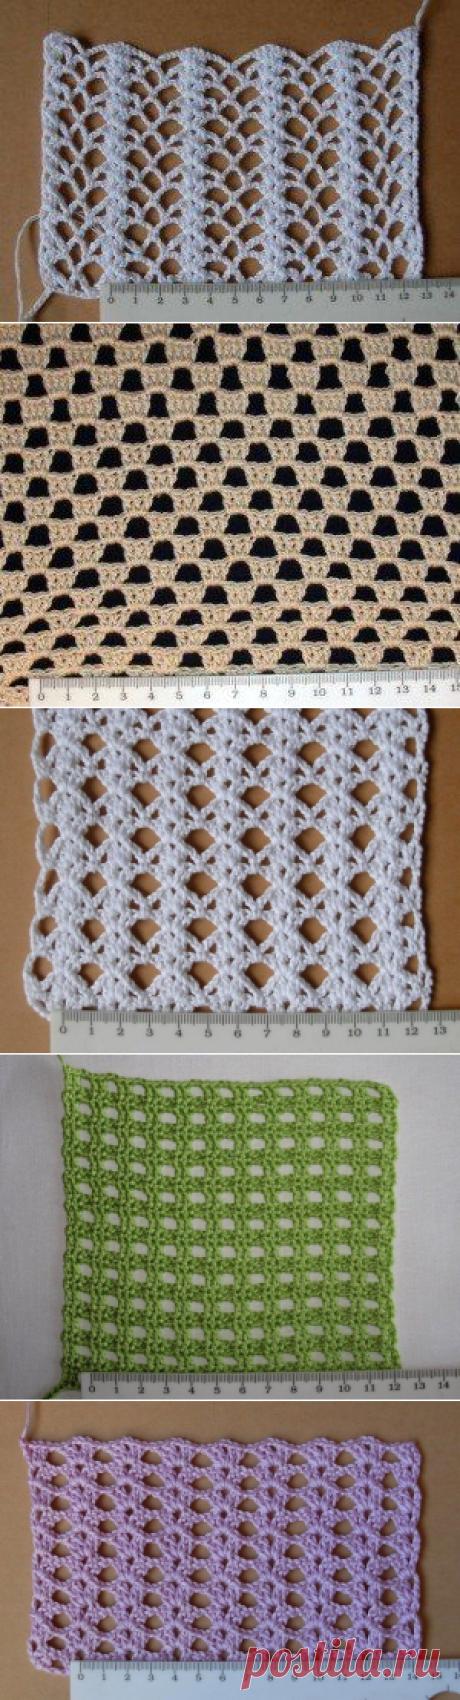 Варианты вязания сеточек